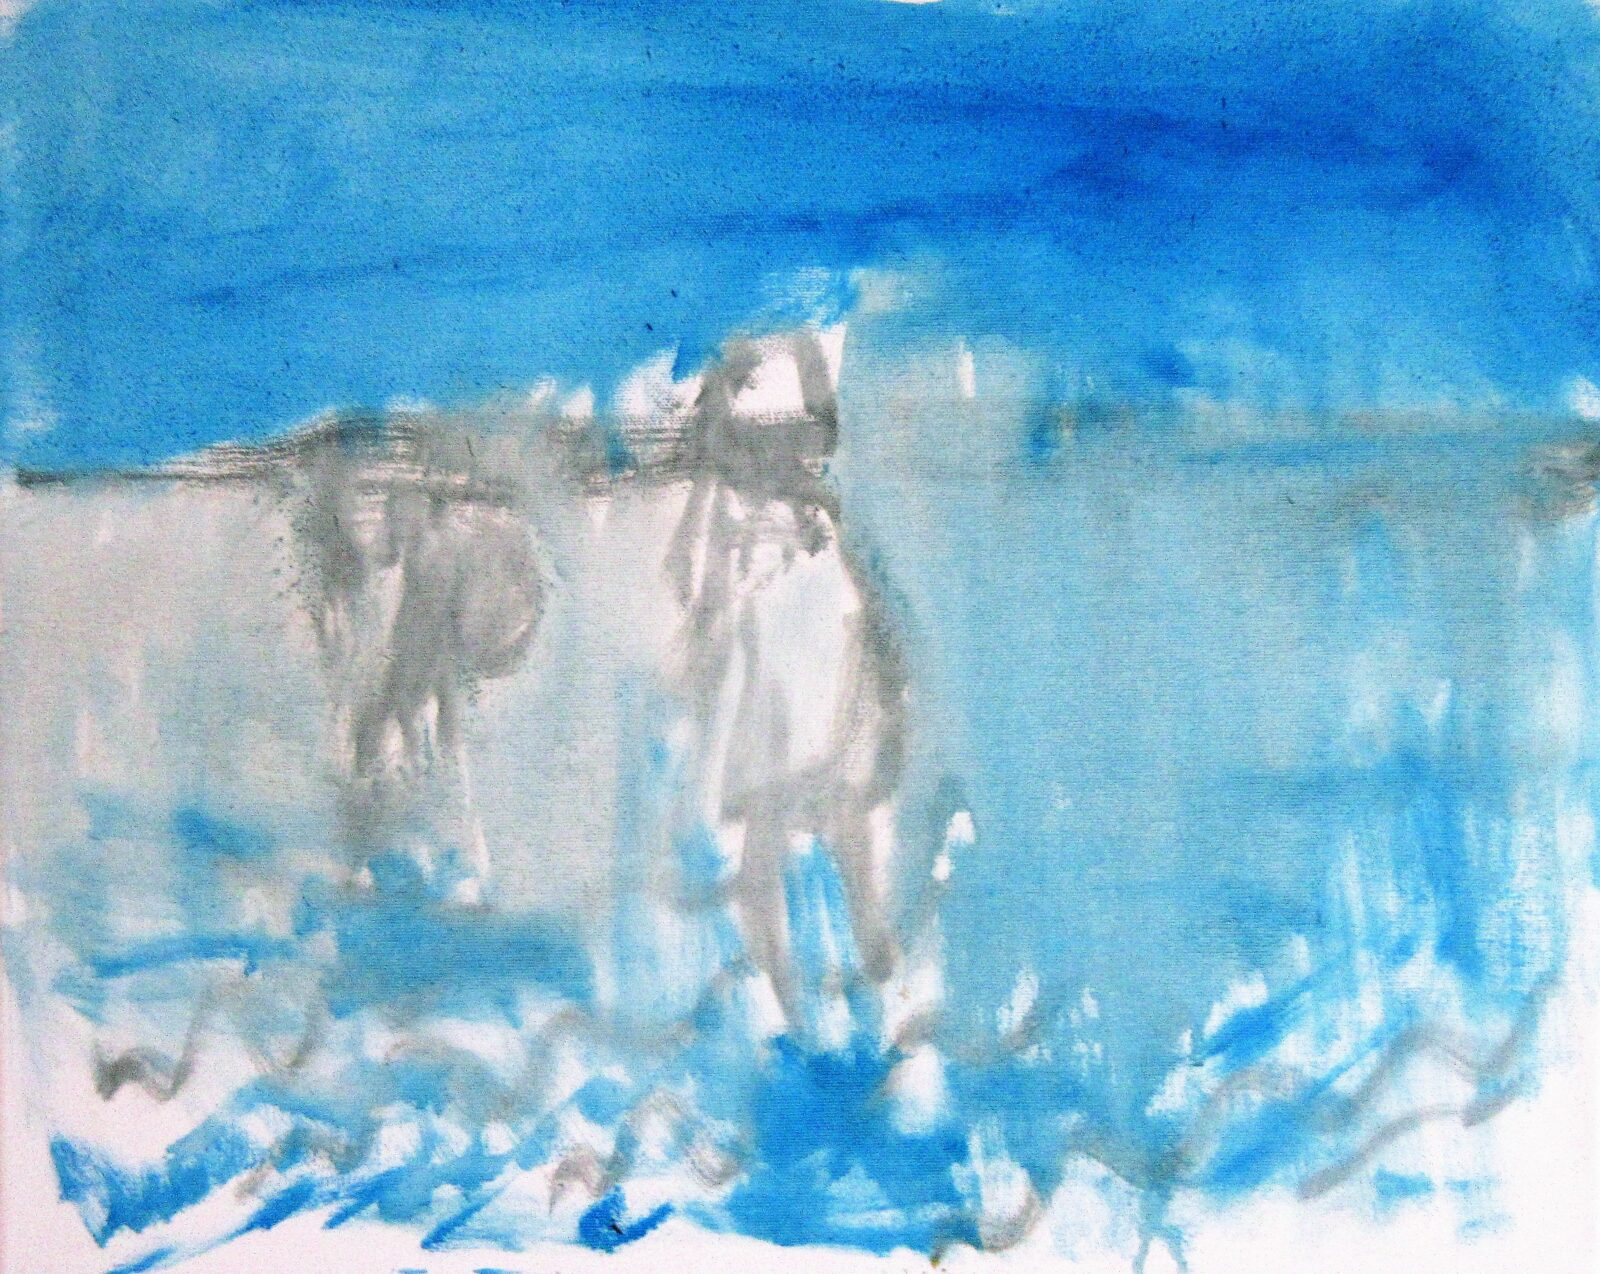 Snäcksamlarna vid havet. 50 x 40 cm